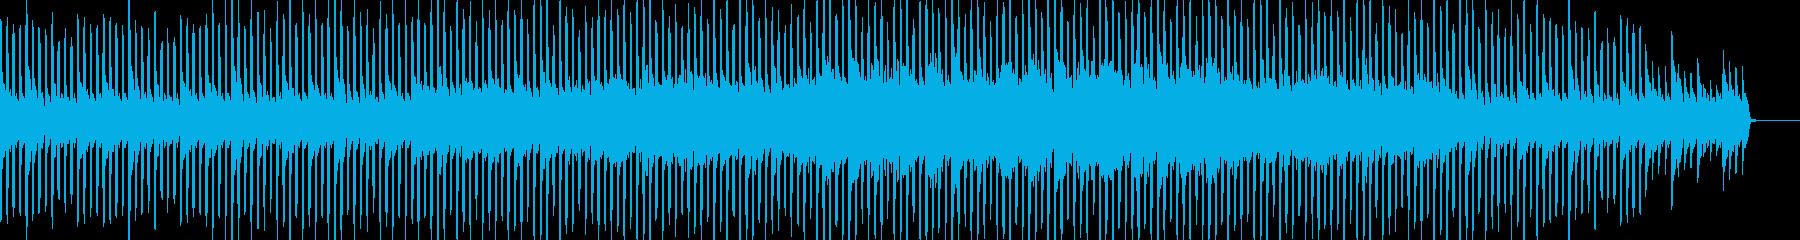 企業VPや映像に!静かで爽やかなBGMの再生済みの波形